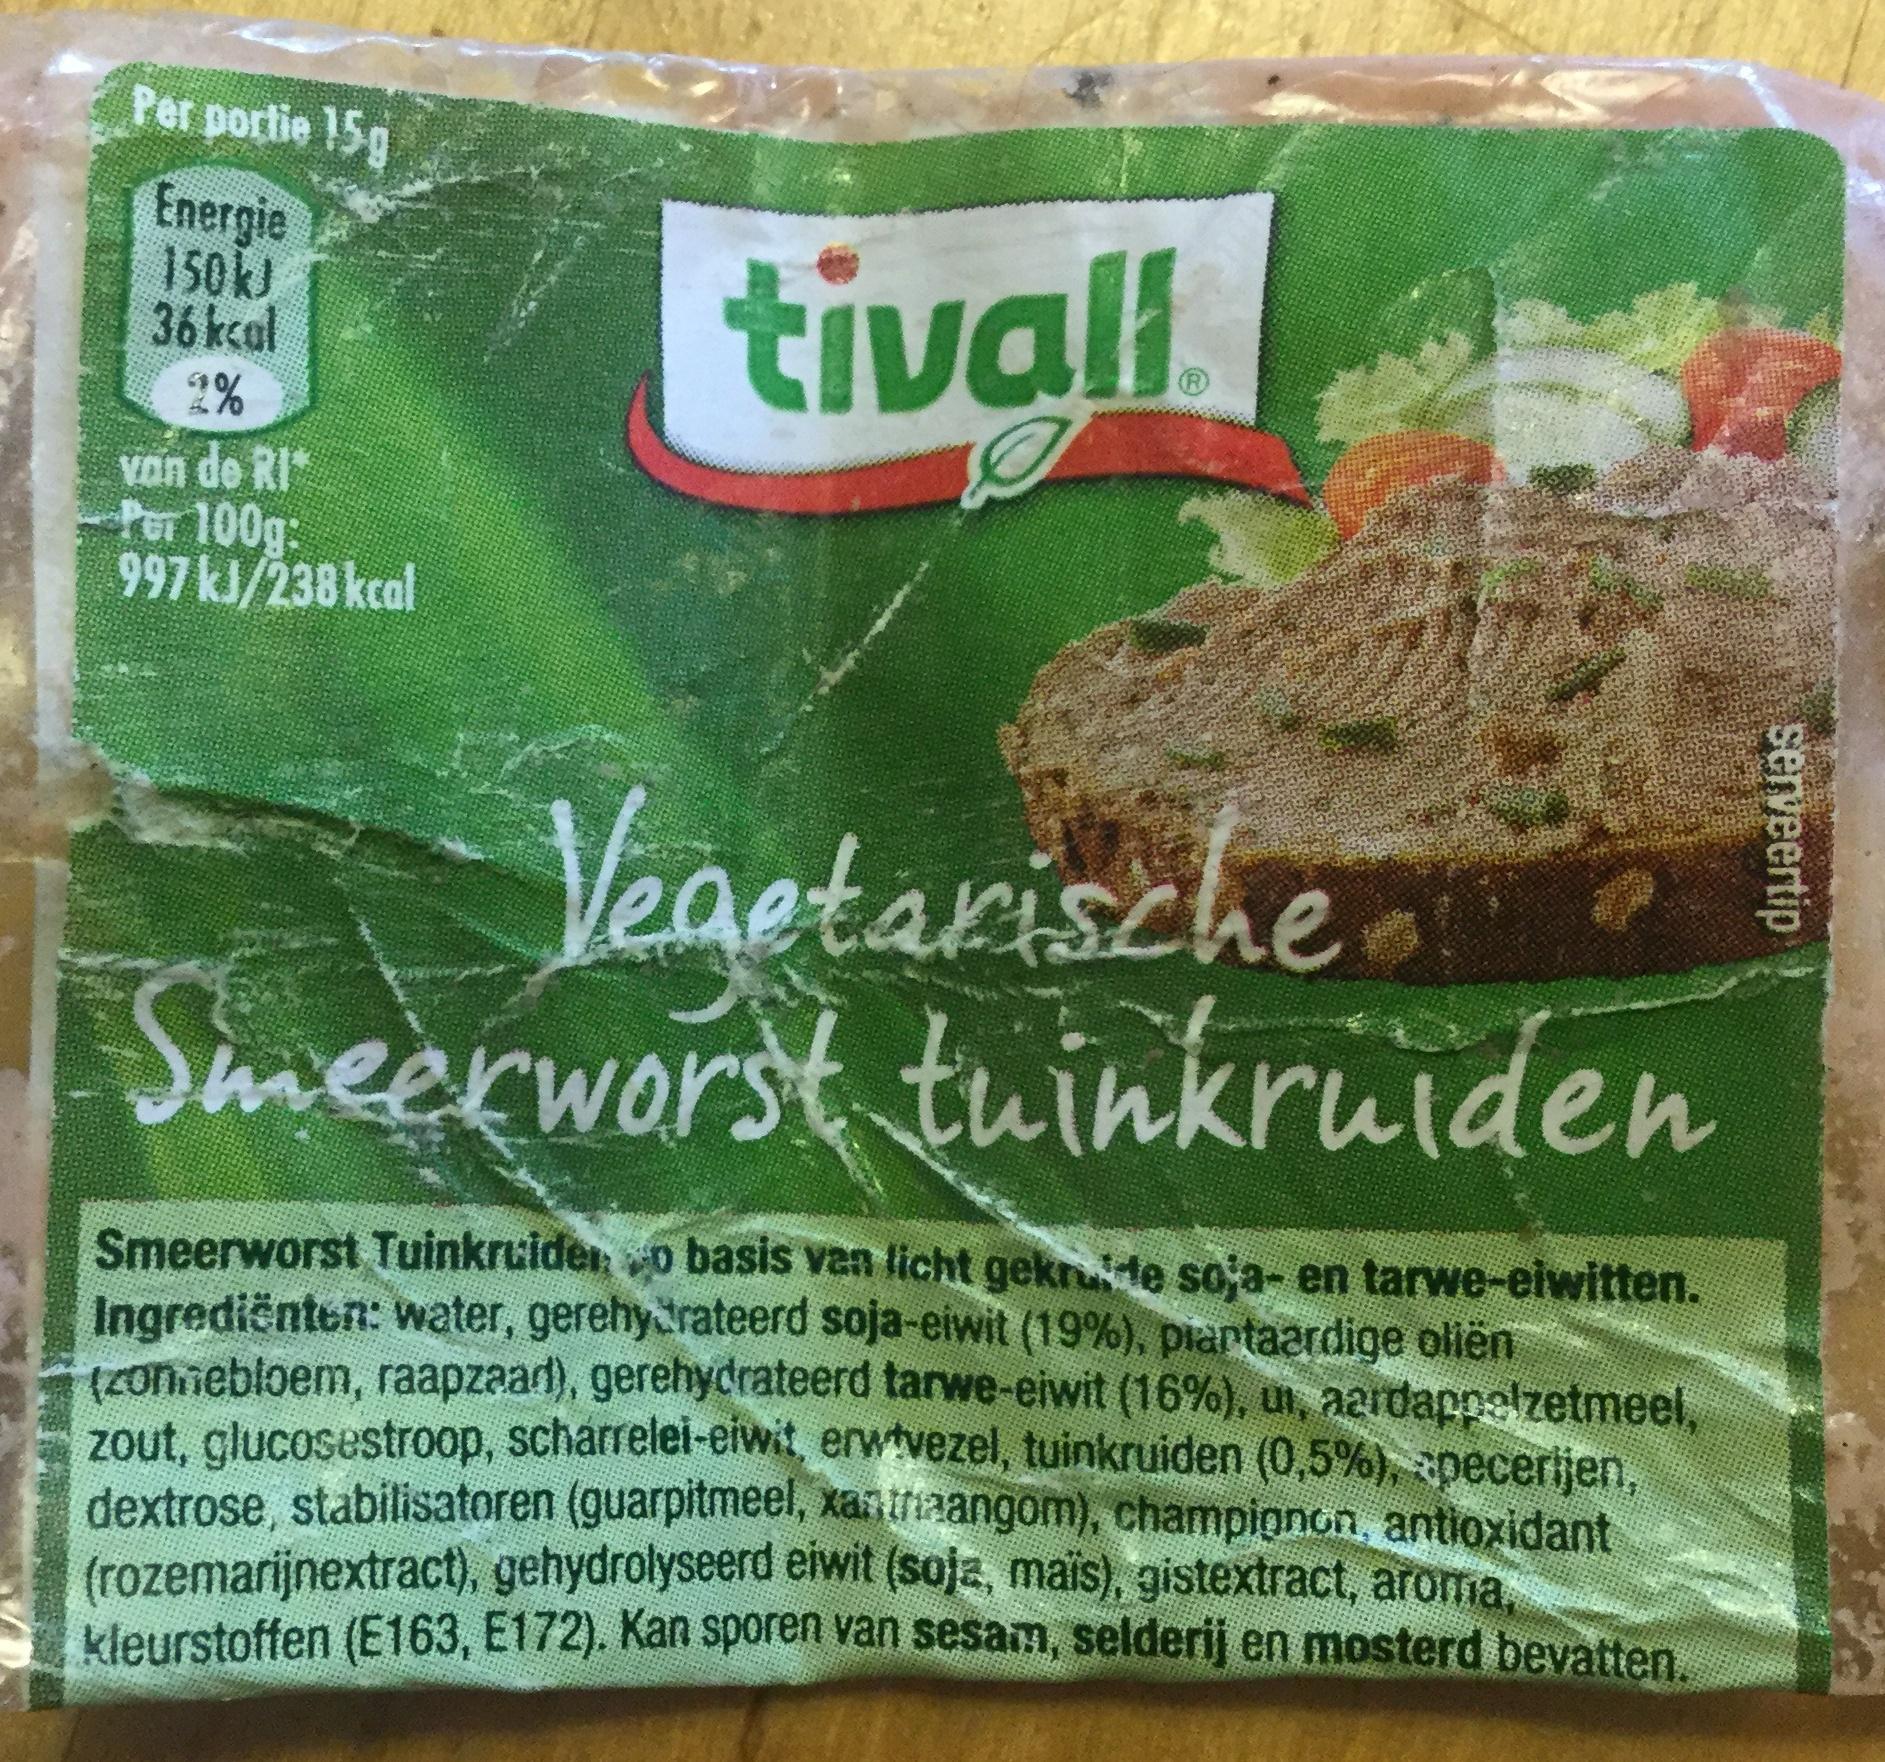 Vegetarische smeerworst tuinkruiden - Product - nl